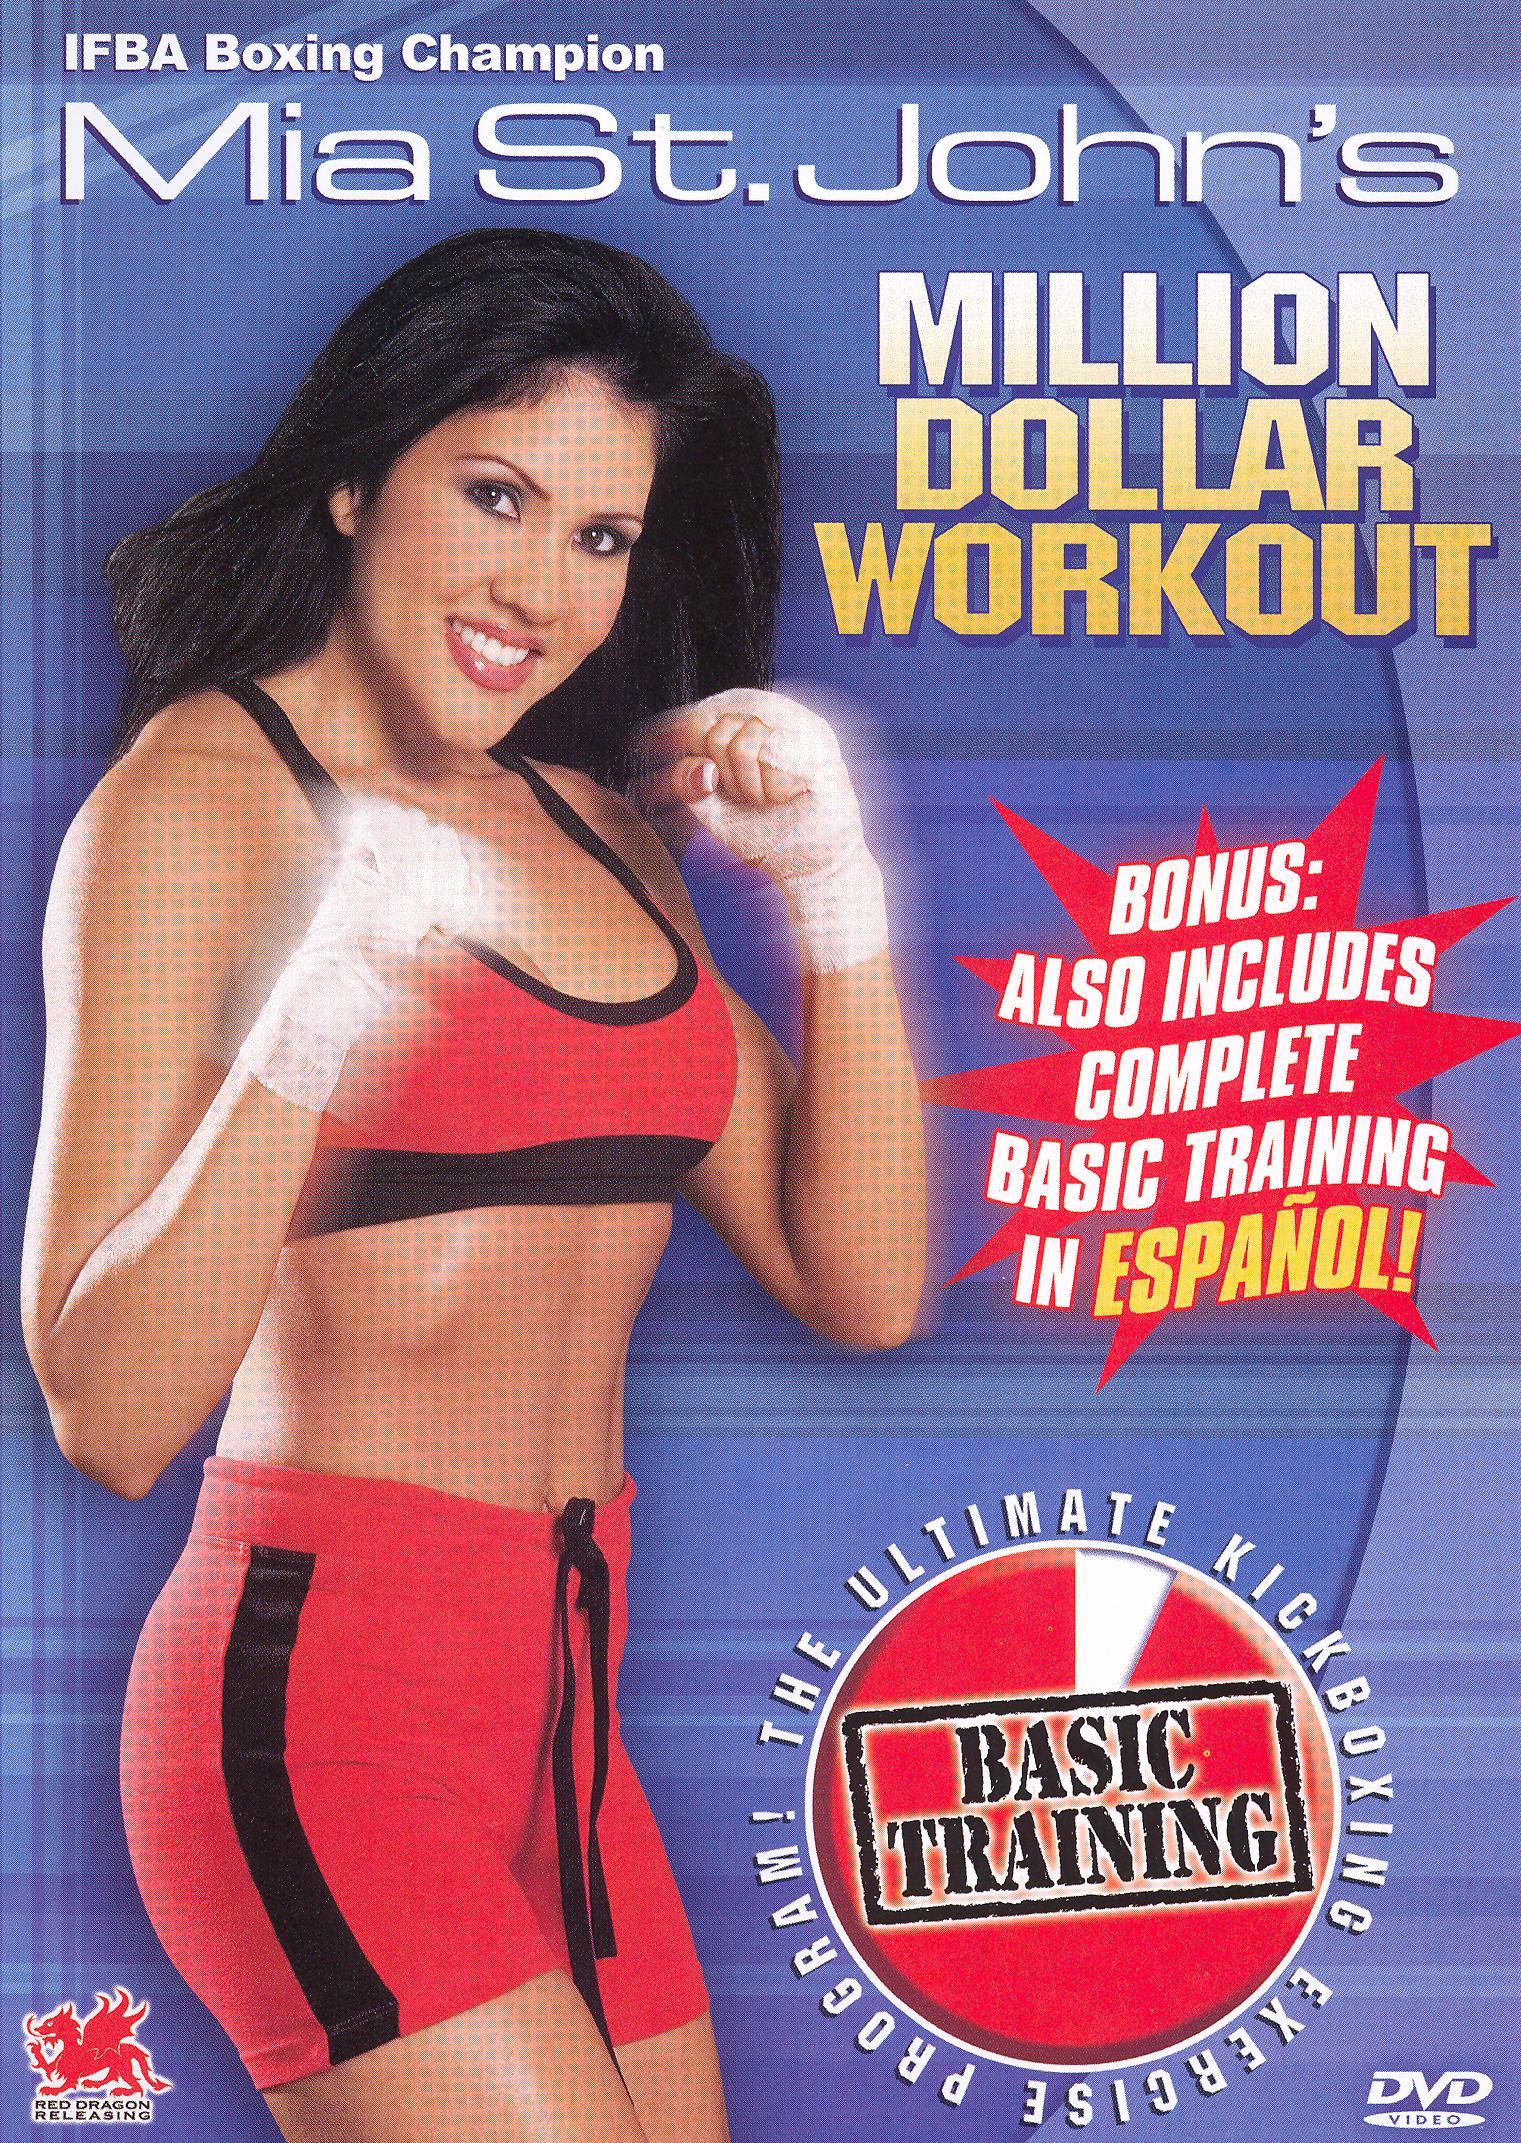 Mia St. John's Million Dollar Workout: Basic Training